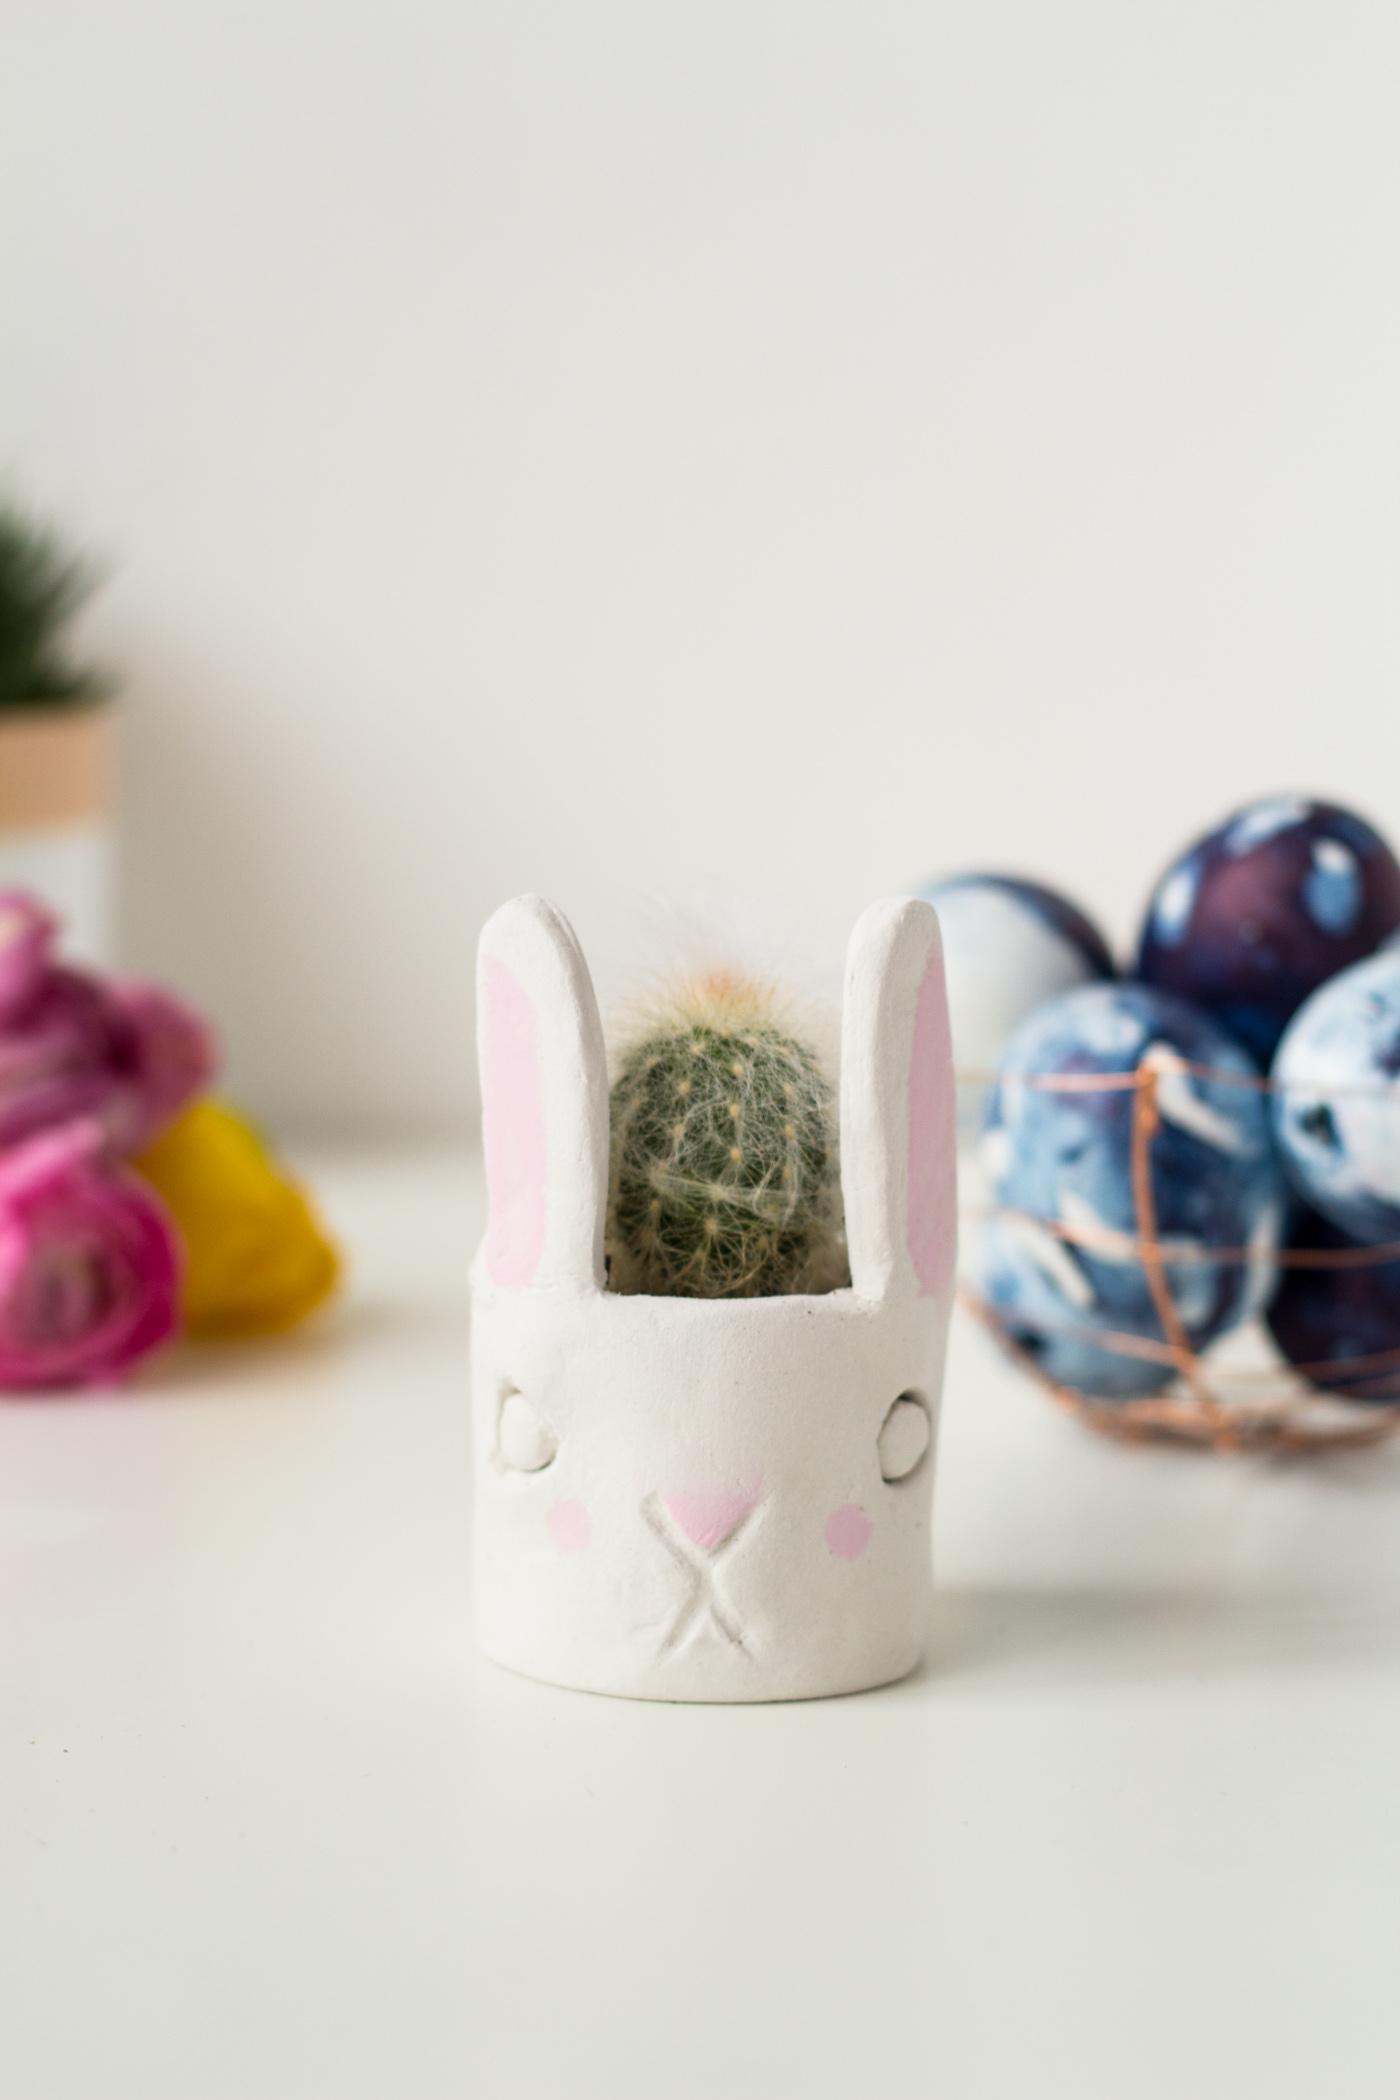 DIY Mini Cacti Bunny Planter | @fallfordiy-35